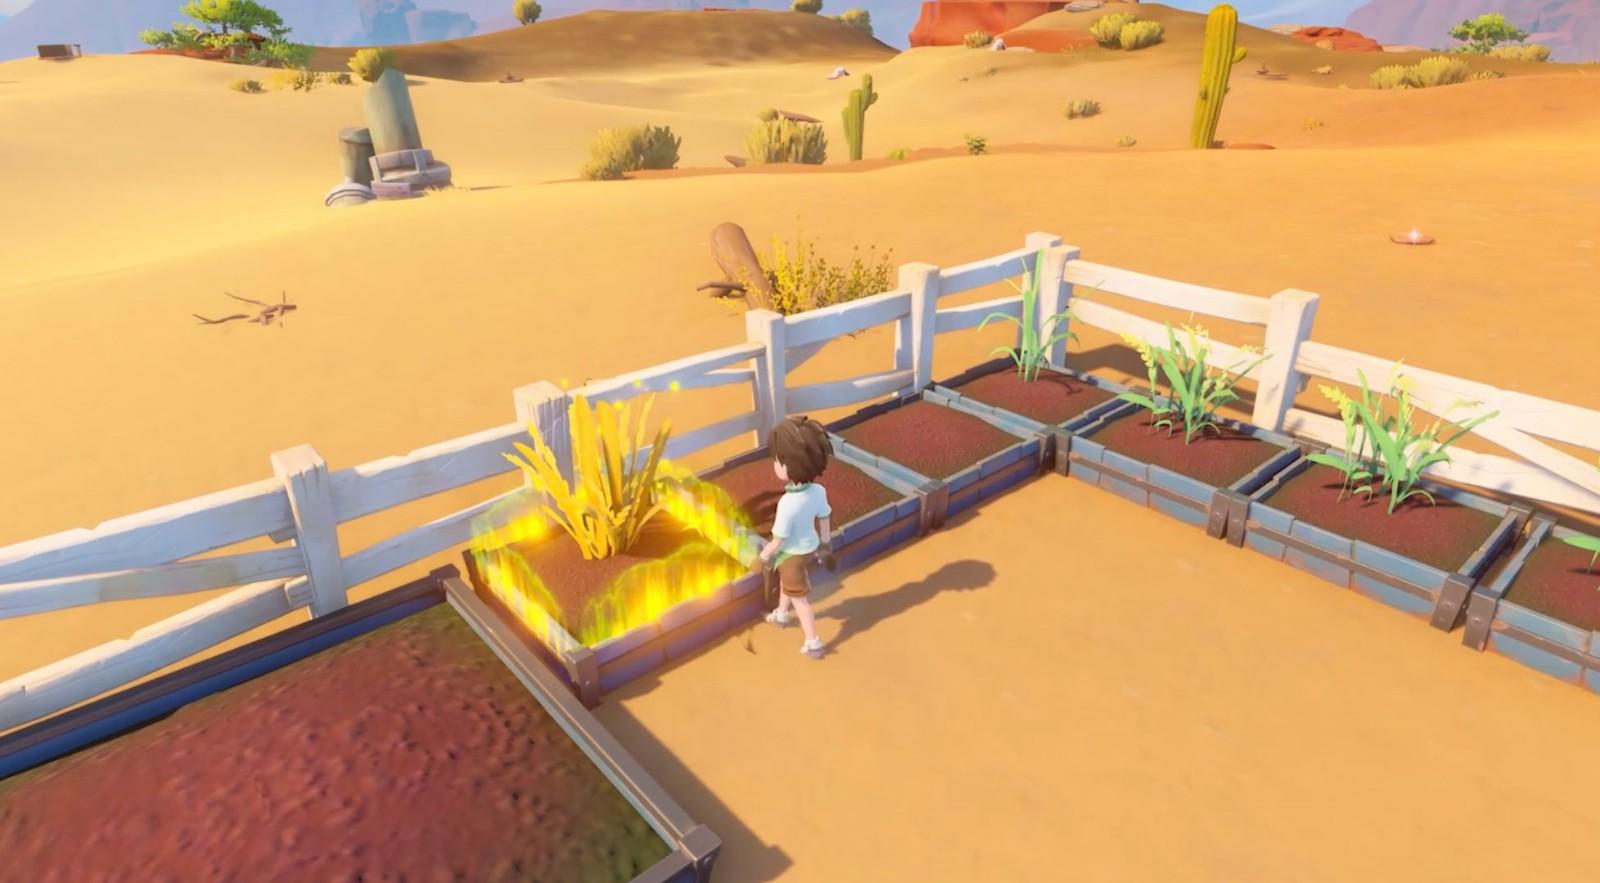 沙石镇时光截图1